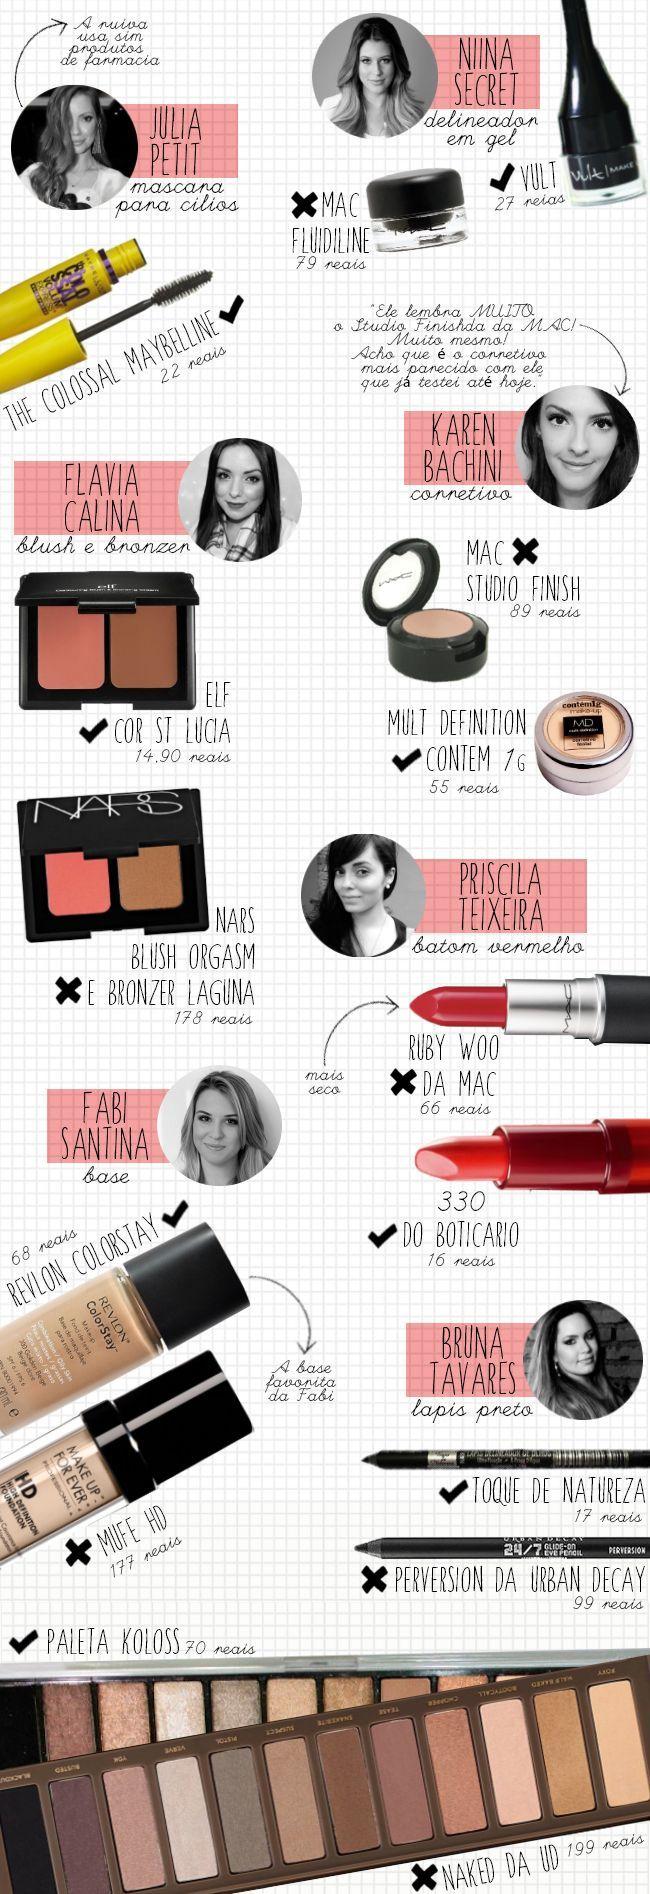 Kit de maquiagem baratinho com produtos indicados pelas blogueiras! http://sougarotaproblema.blogspot.com.br/2013/12/kit-de-maquiagem-produtos-baratinhos.html